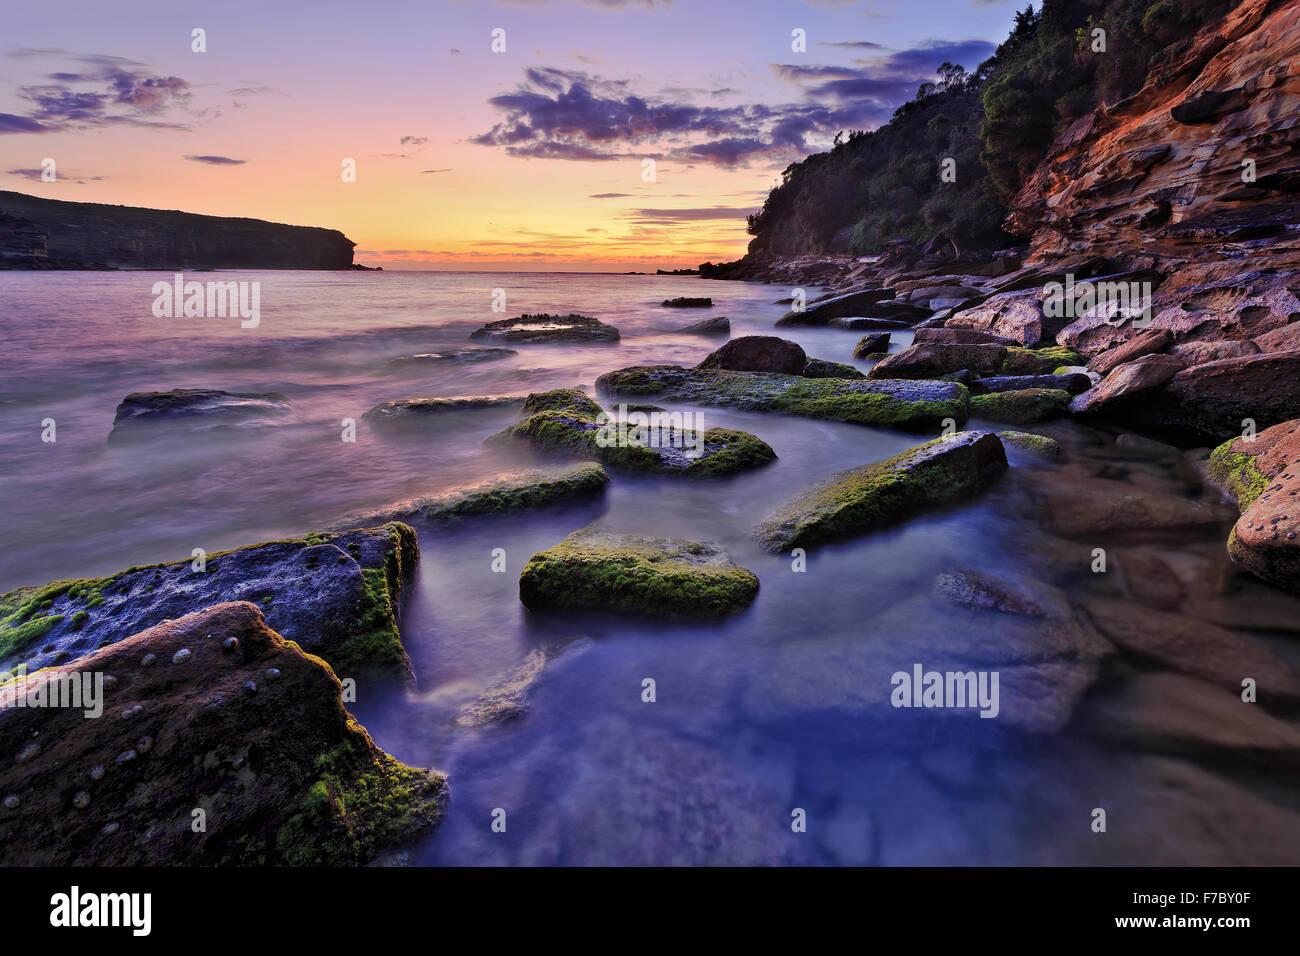 Trasparente mare chiaro piano presso il Royal National Park Wattamola spiaggia rocciosa in Australia all'alba Immagini Stock